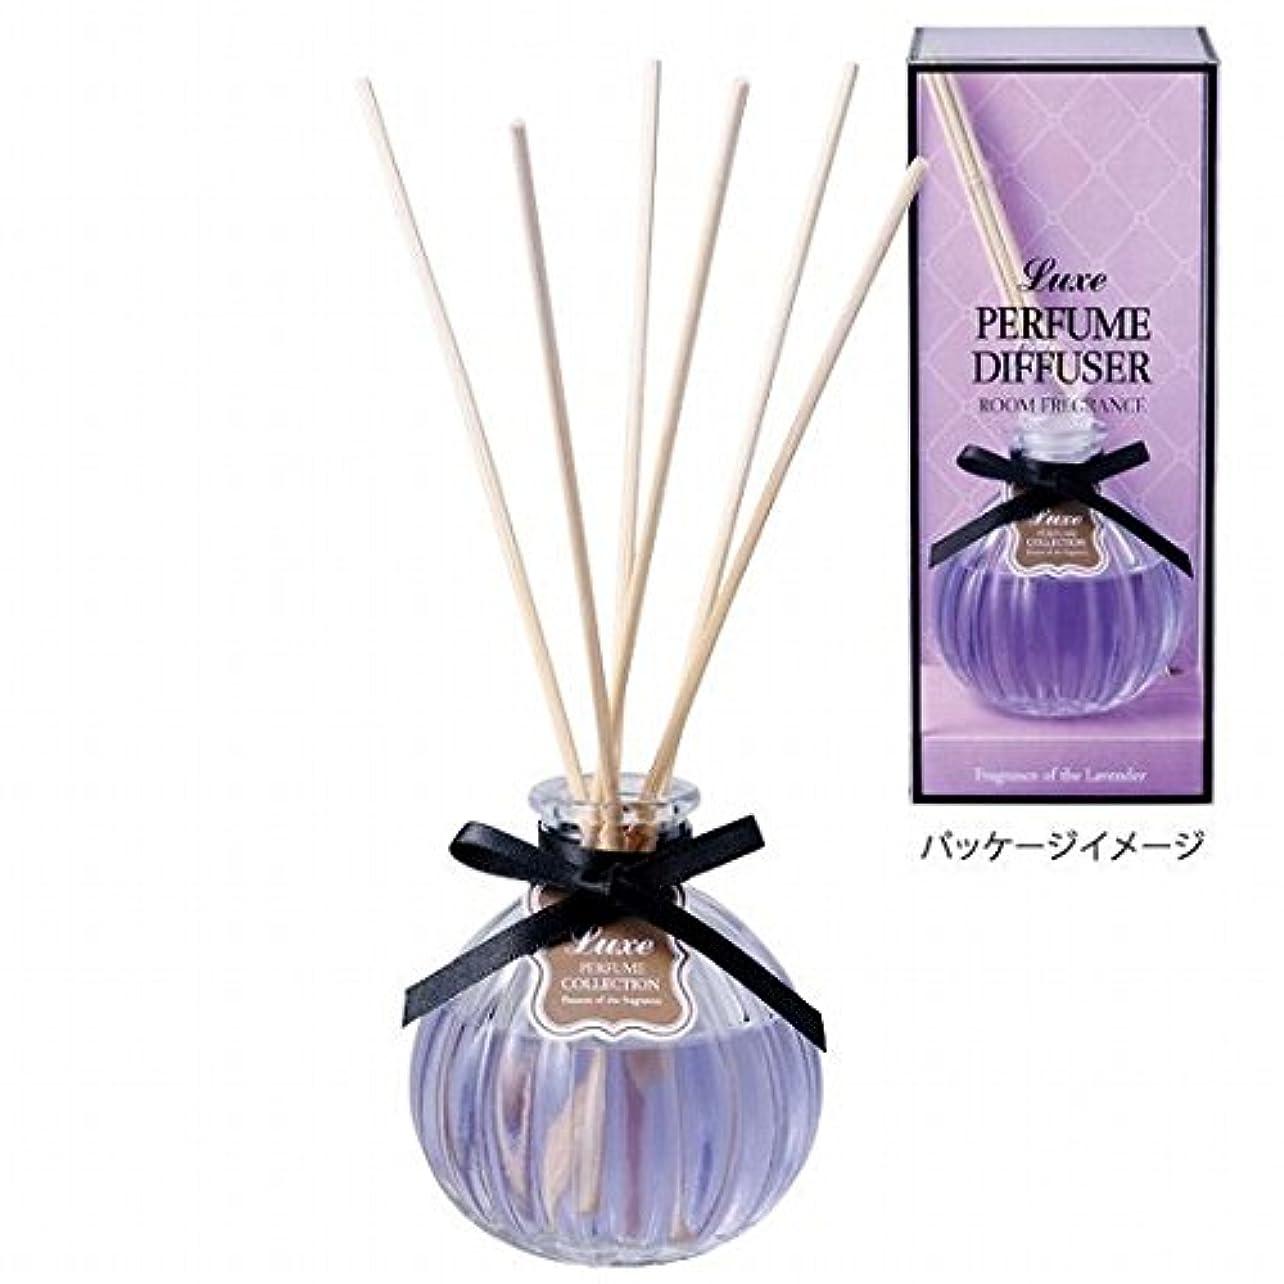 型収束ベイビーカメヤマキャンドル(kameyama candle) パフュームディフューザー 「 ラベンダー 」